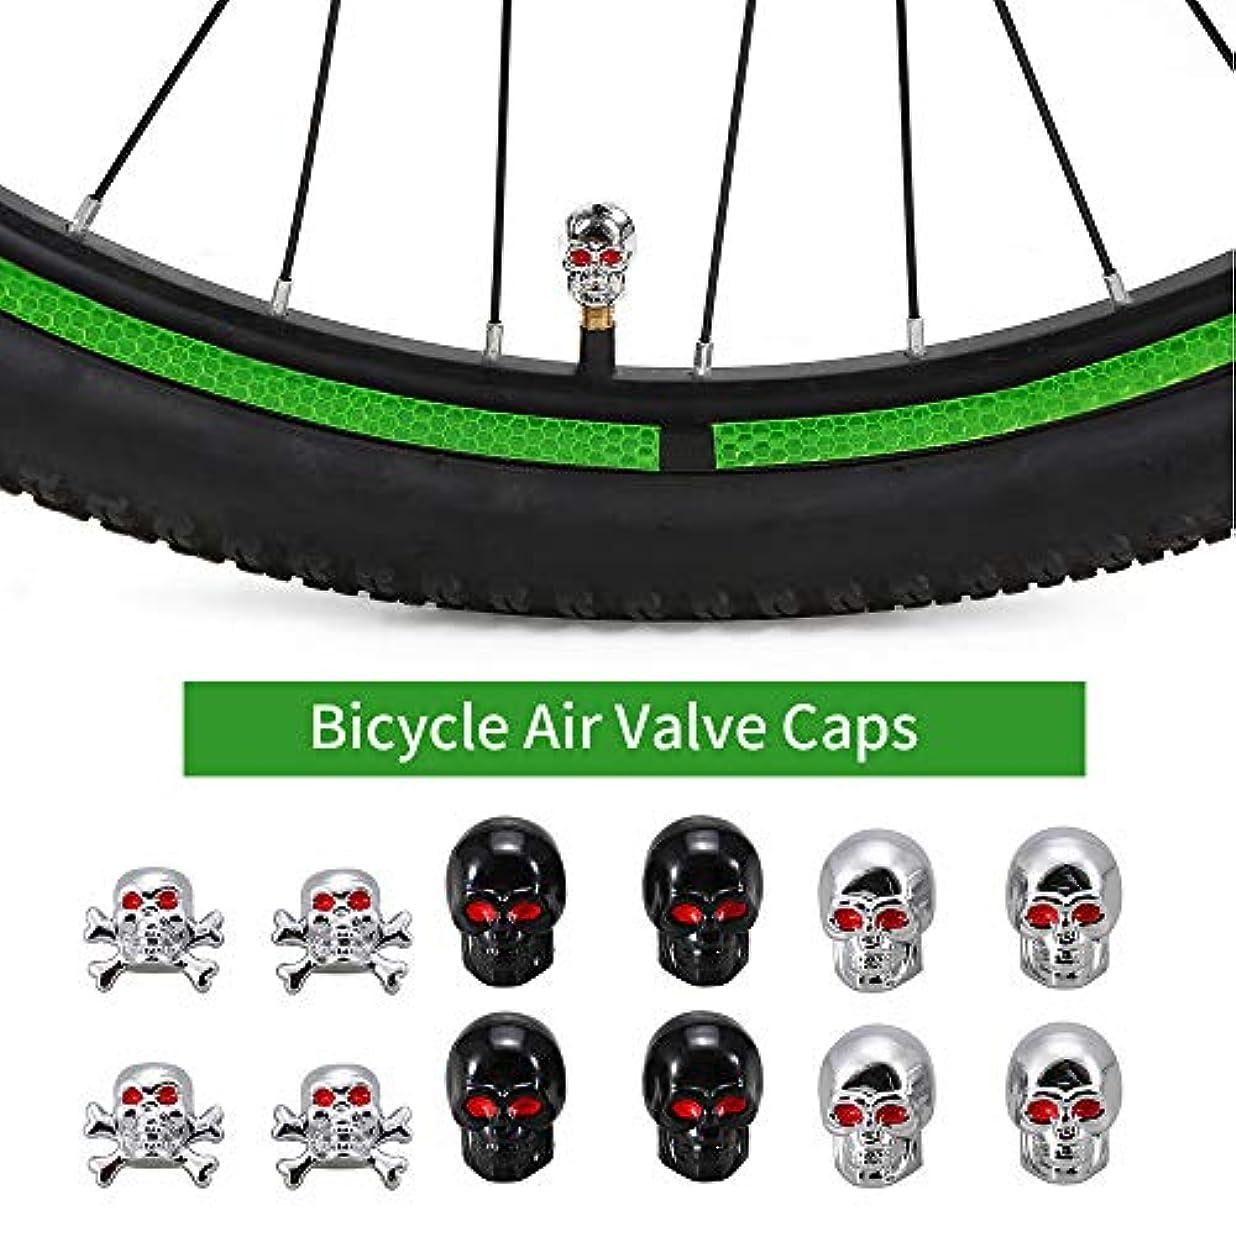 ヘッドレス地殻ハックRakuby 4本 自転車バル ブキャップクール 形 空気弁キャップ MTBバイク用 タイヤバル ブダストカバー 自転車アクセサリー